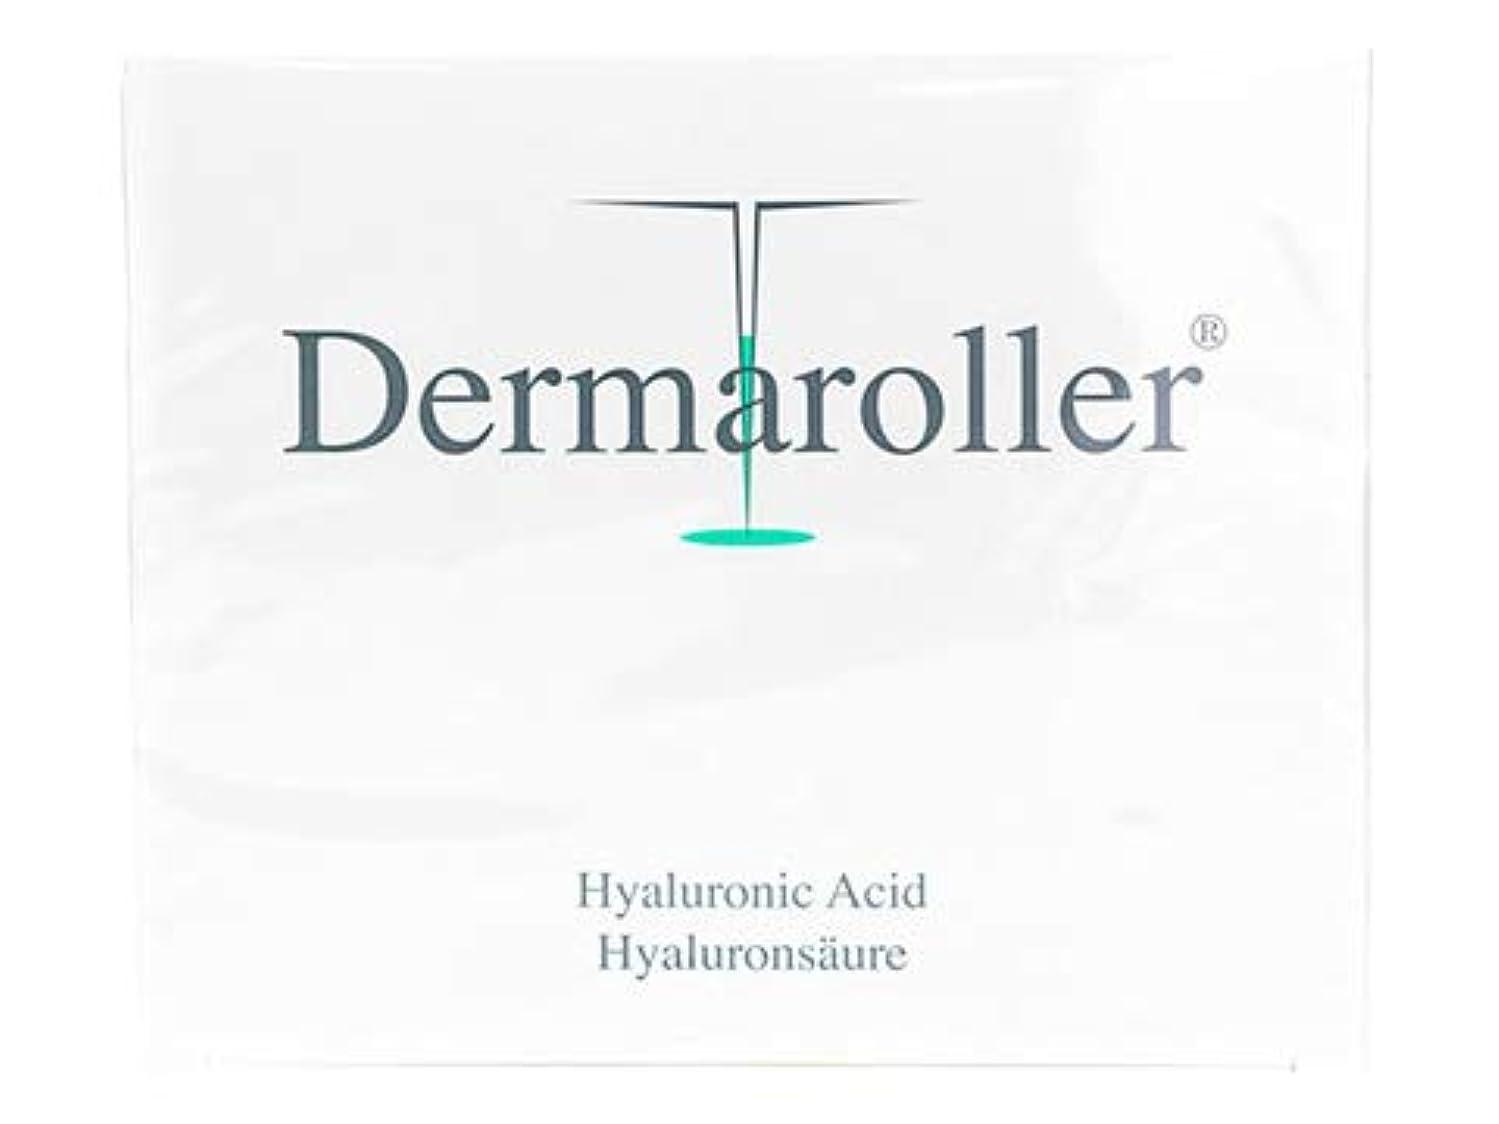 自動的に軽減冷ややかなダーマローラー ヒアルロン酸 美容液 1.5ml30本 1箱 Dermaroller HyaluronicAcid Made in Germany